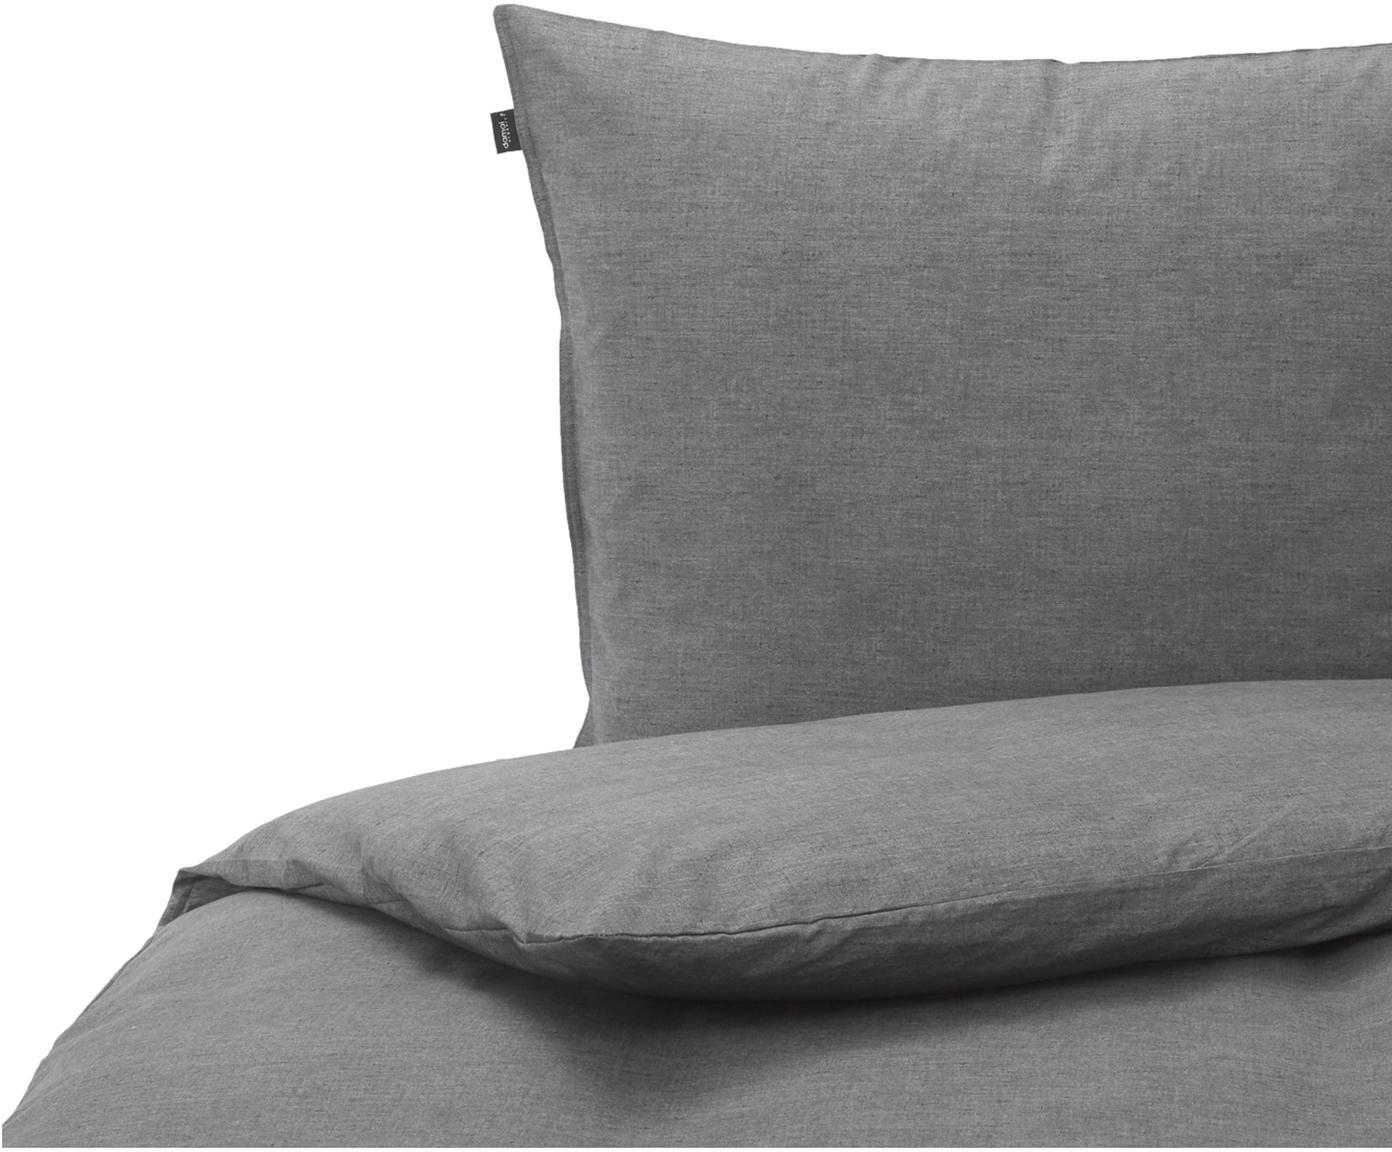 Bettwäsche Raja in Dunkelgrau aus Bio-Baumwolle, 100% Bio-Baumwolle Bettwäsche aus Baumwolle fühlt sich auf der Haut angenehm weich an, nimmt Feuchtigkeit gut auf und eignet sich für Allergiker., Anthrazit, 135 x 200 cm + 1 Kissen 80 x 80 cm